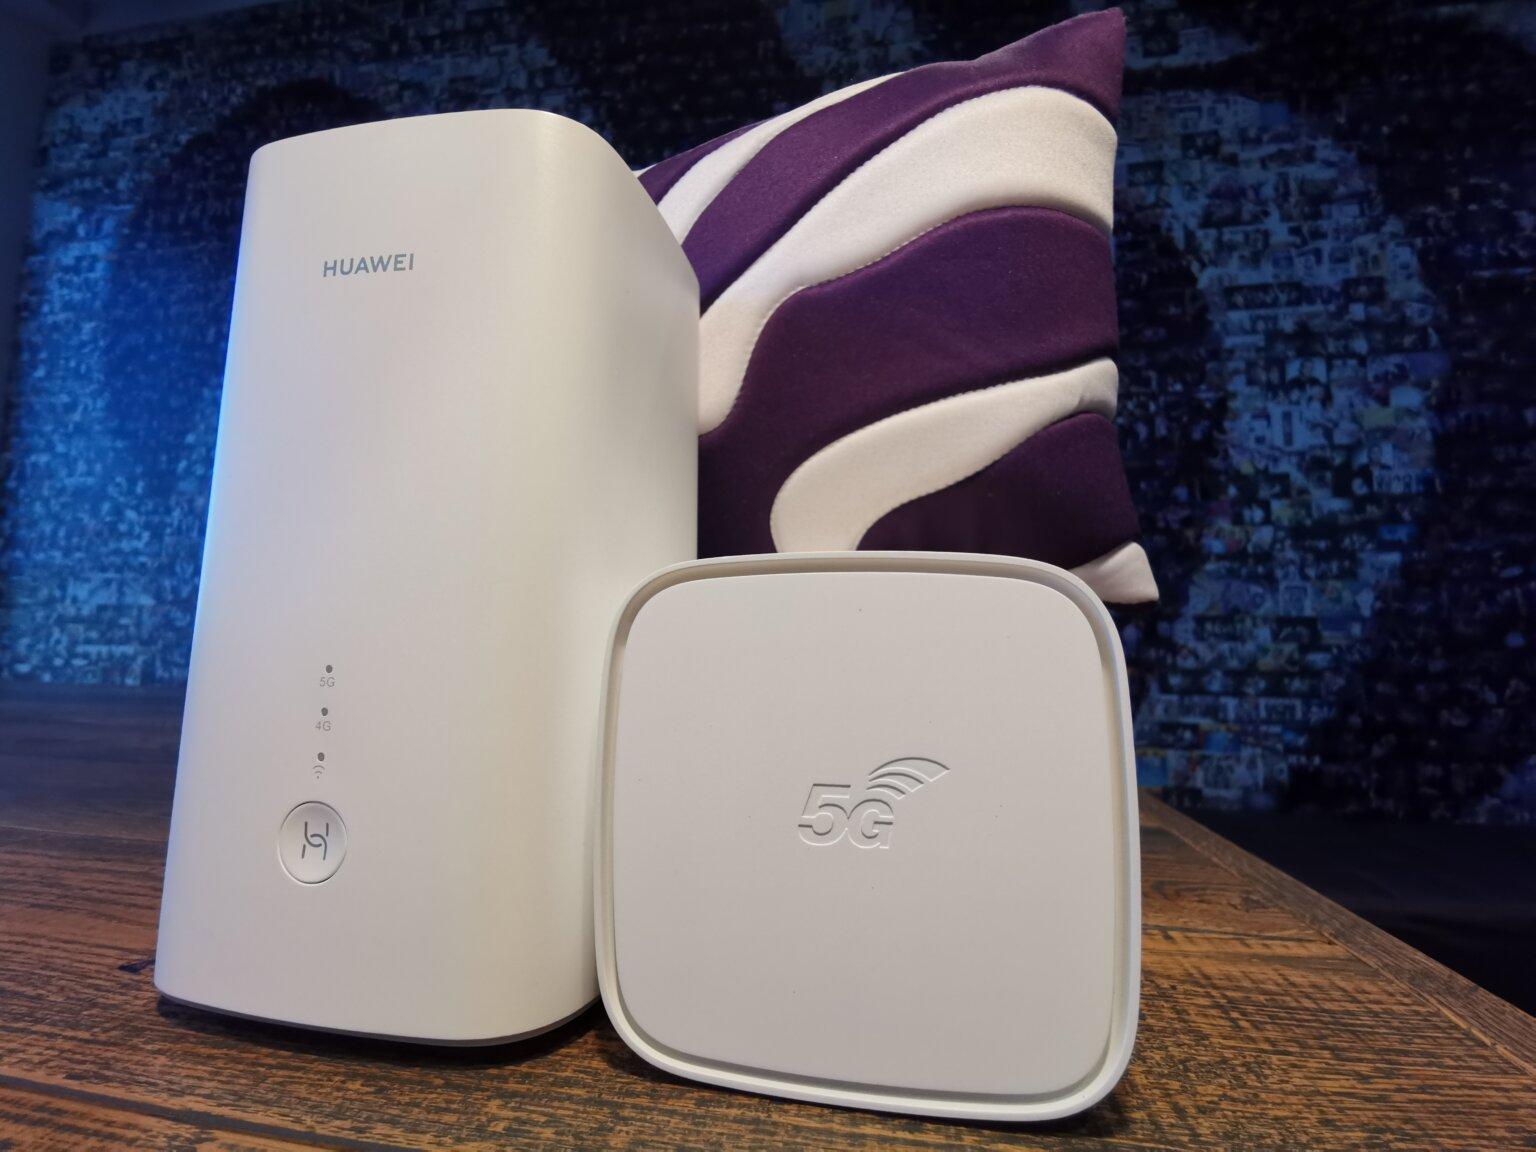 router huawei 5g 1 1536x1152